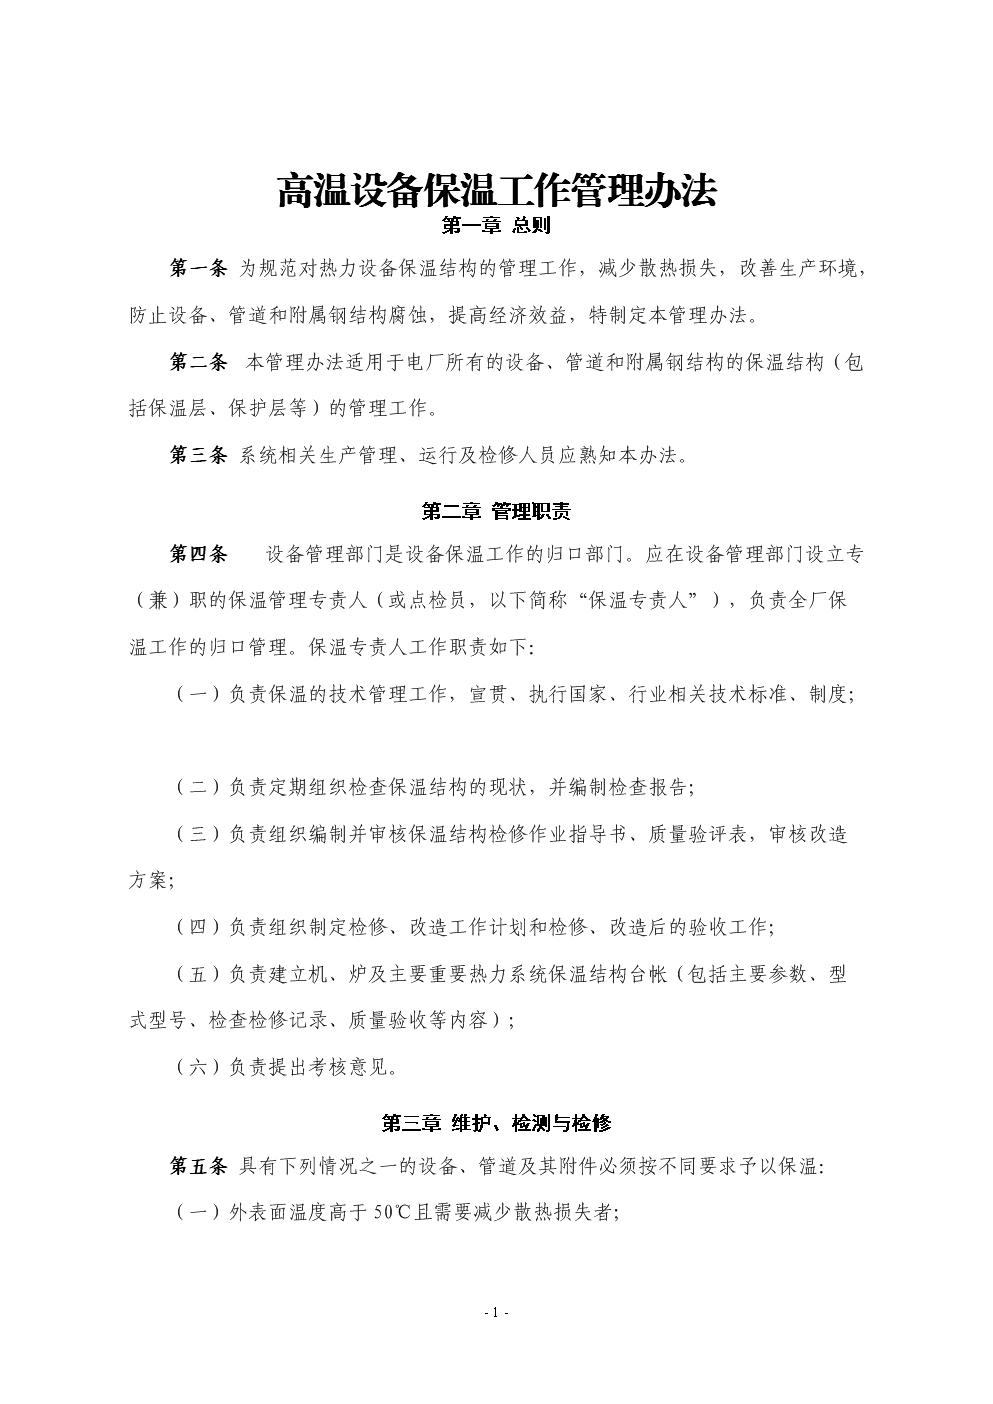 设备保温工作管理办法.doc